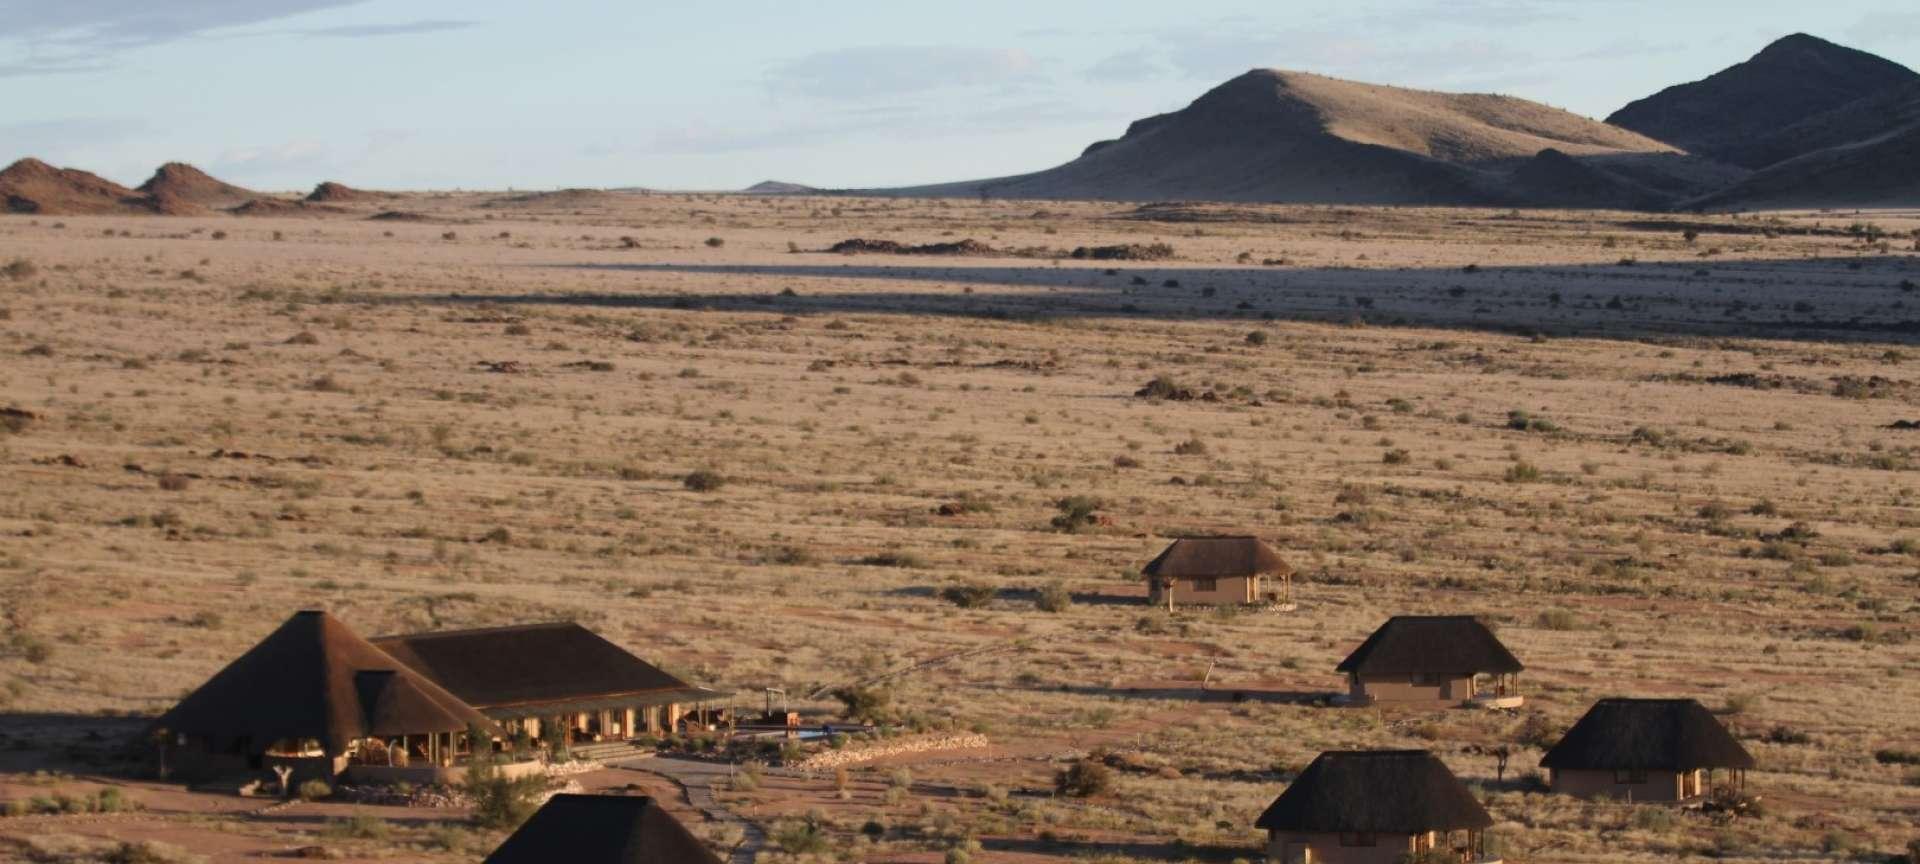 Beautiful Sandfontein